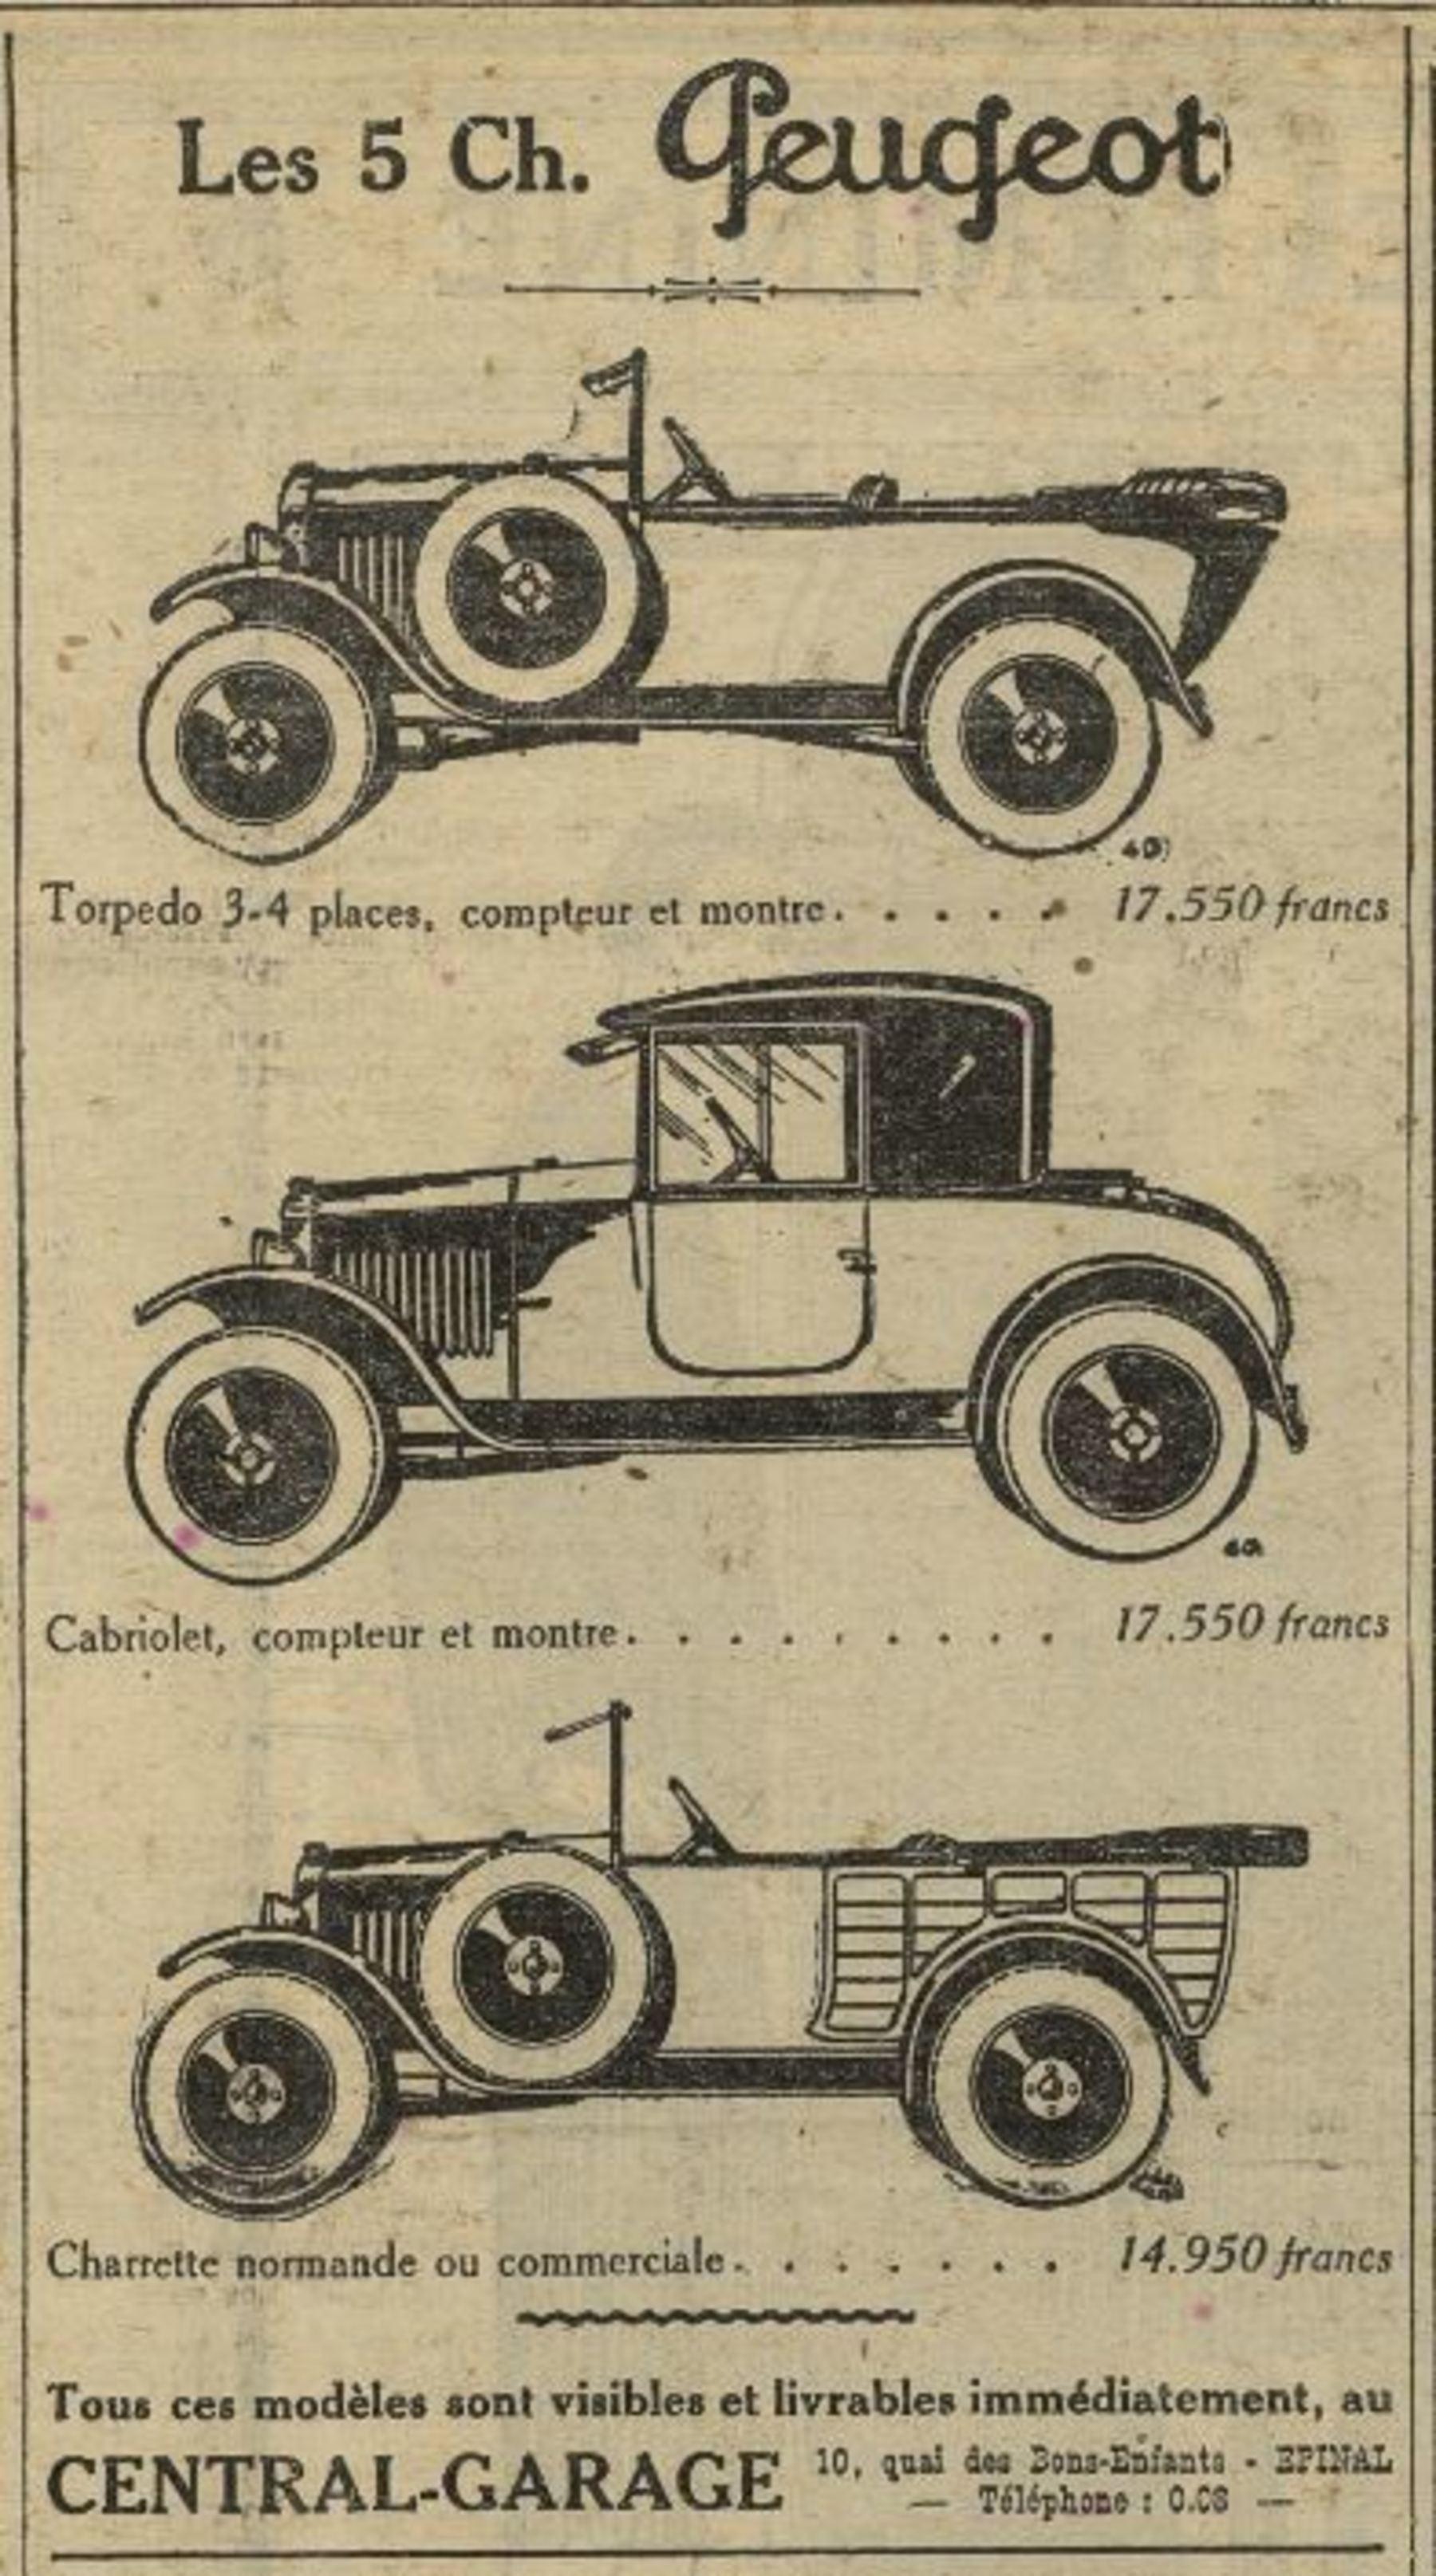 Contenu du 5 Ch. Peugeot